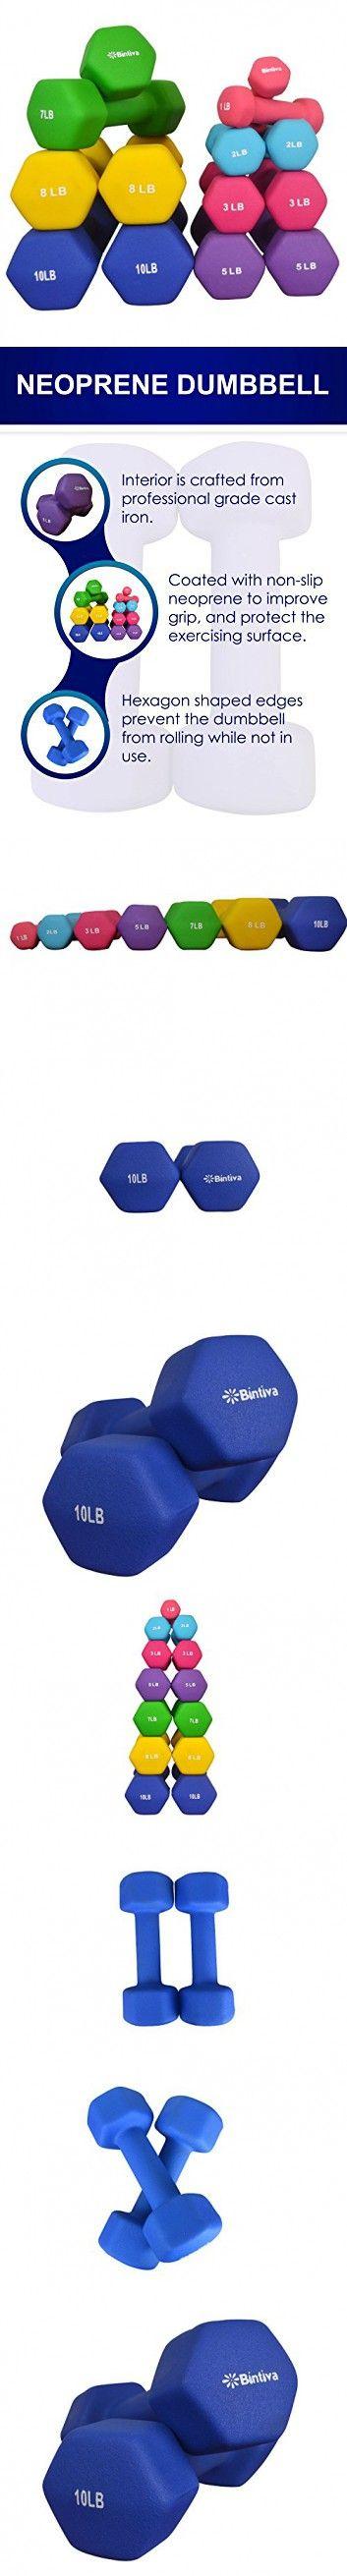 Bintiva Professional Grade, Non Slip Grip, Neoprene Coated Dumbbells 10 LB Pair - Blue